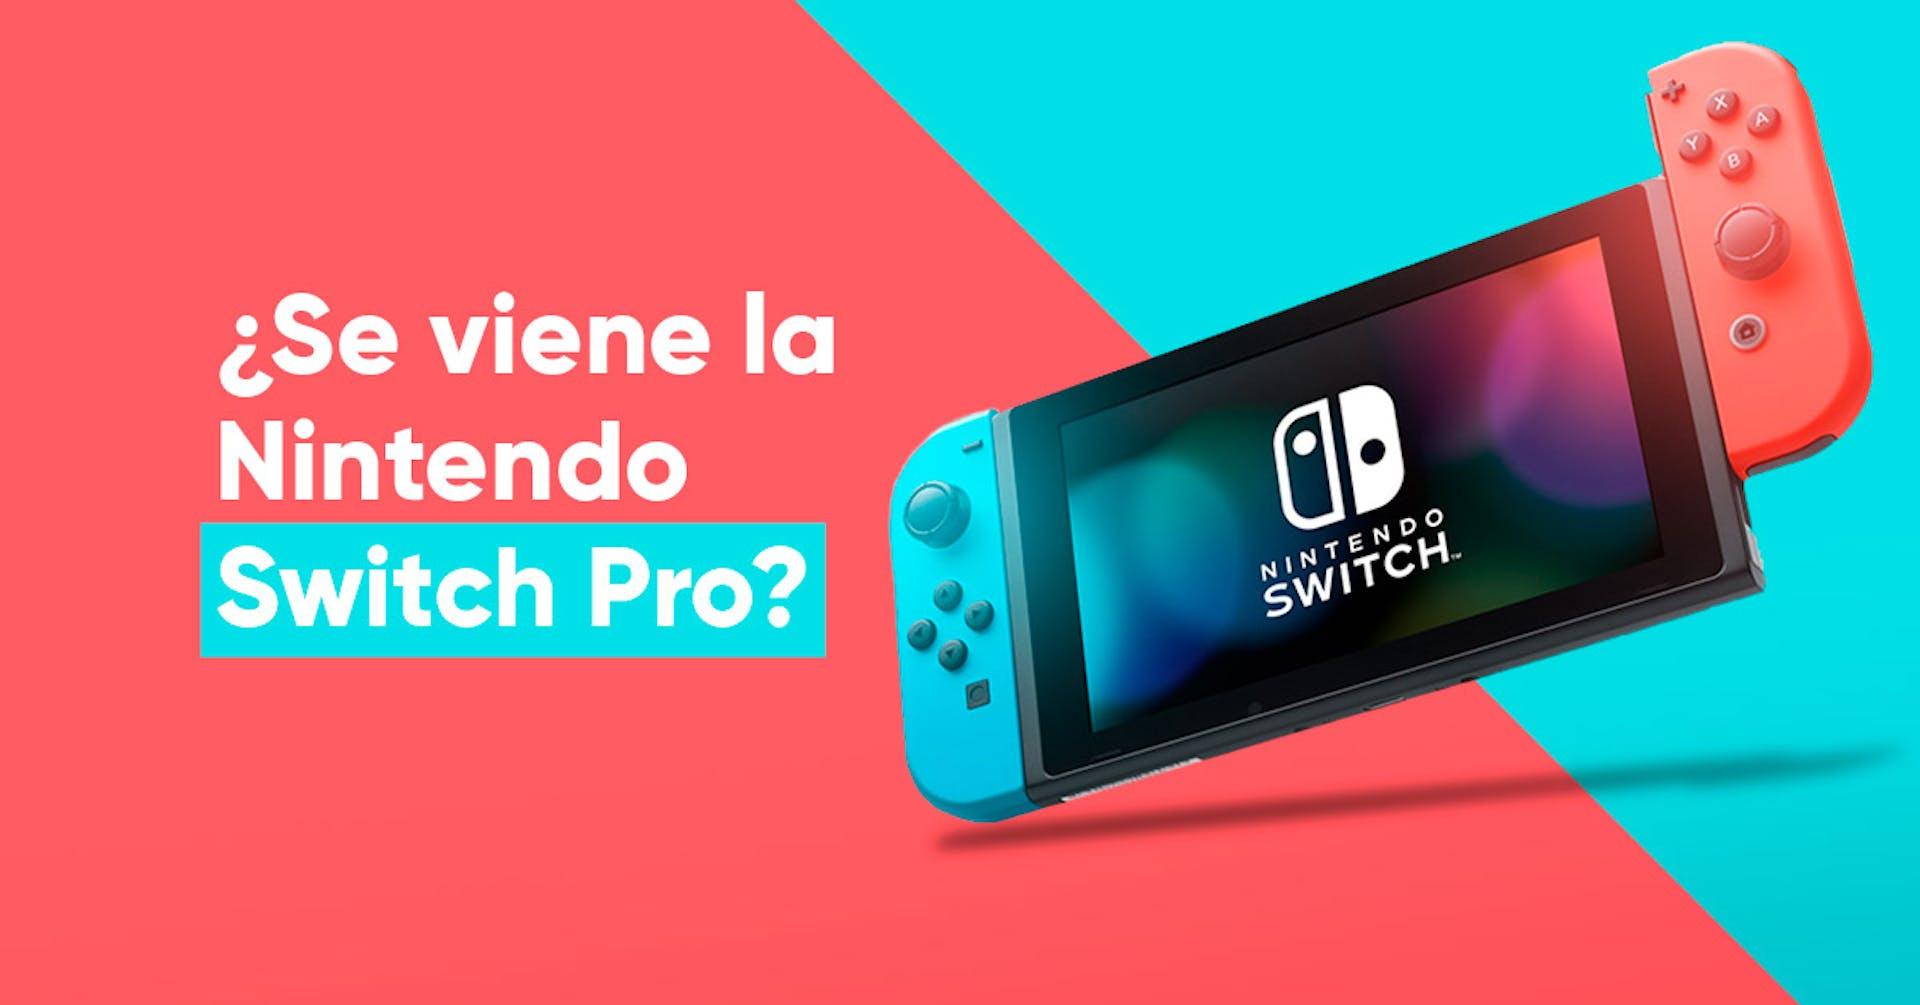 ¿Se viene una versión Pro de Nintendo Switch?